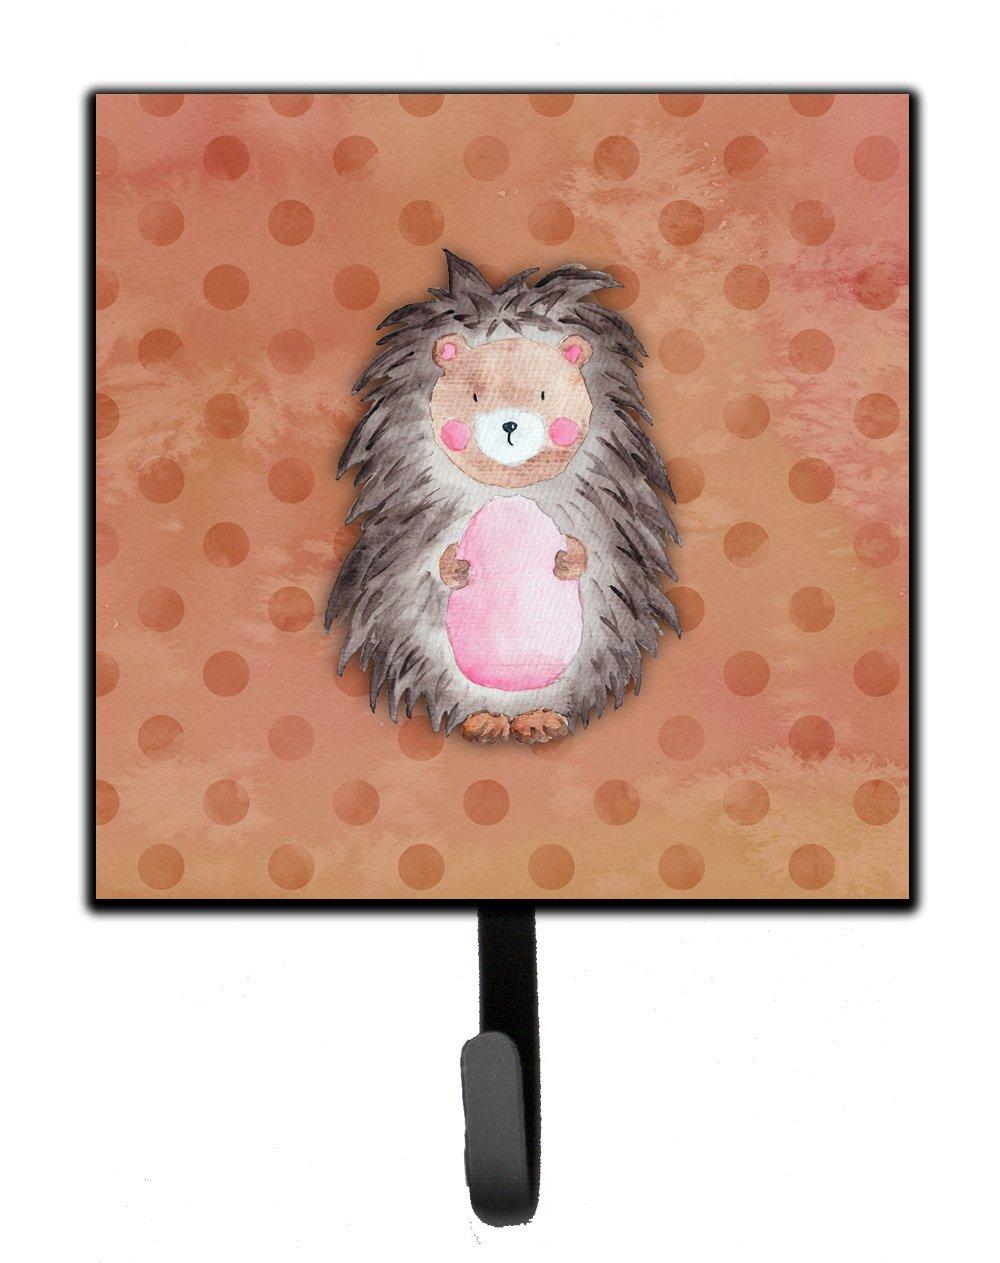 Carolines Treasures Polkadot Hedgehog Watercolor Wall Hook Small Multicolor